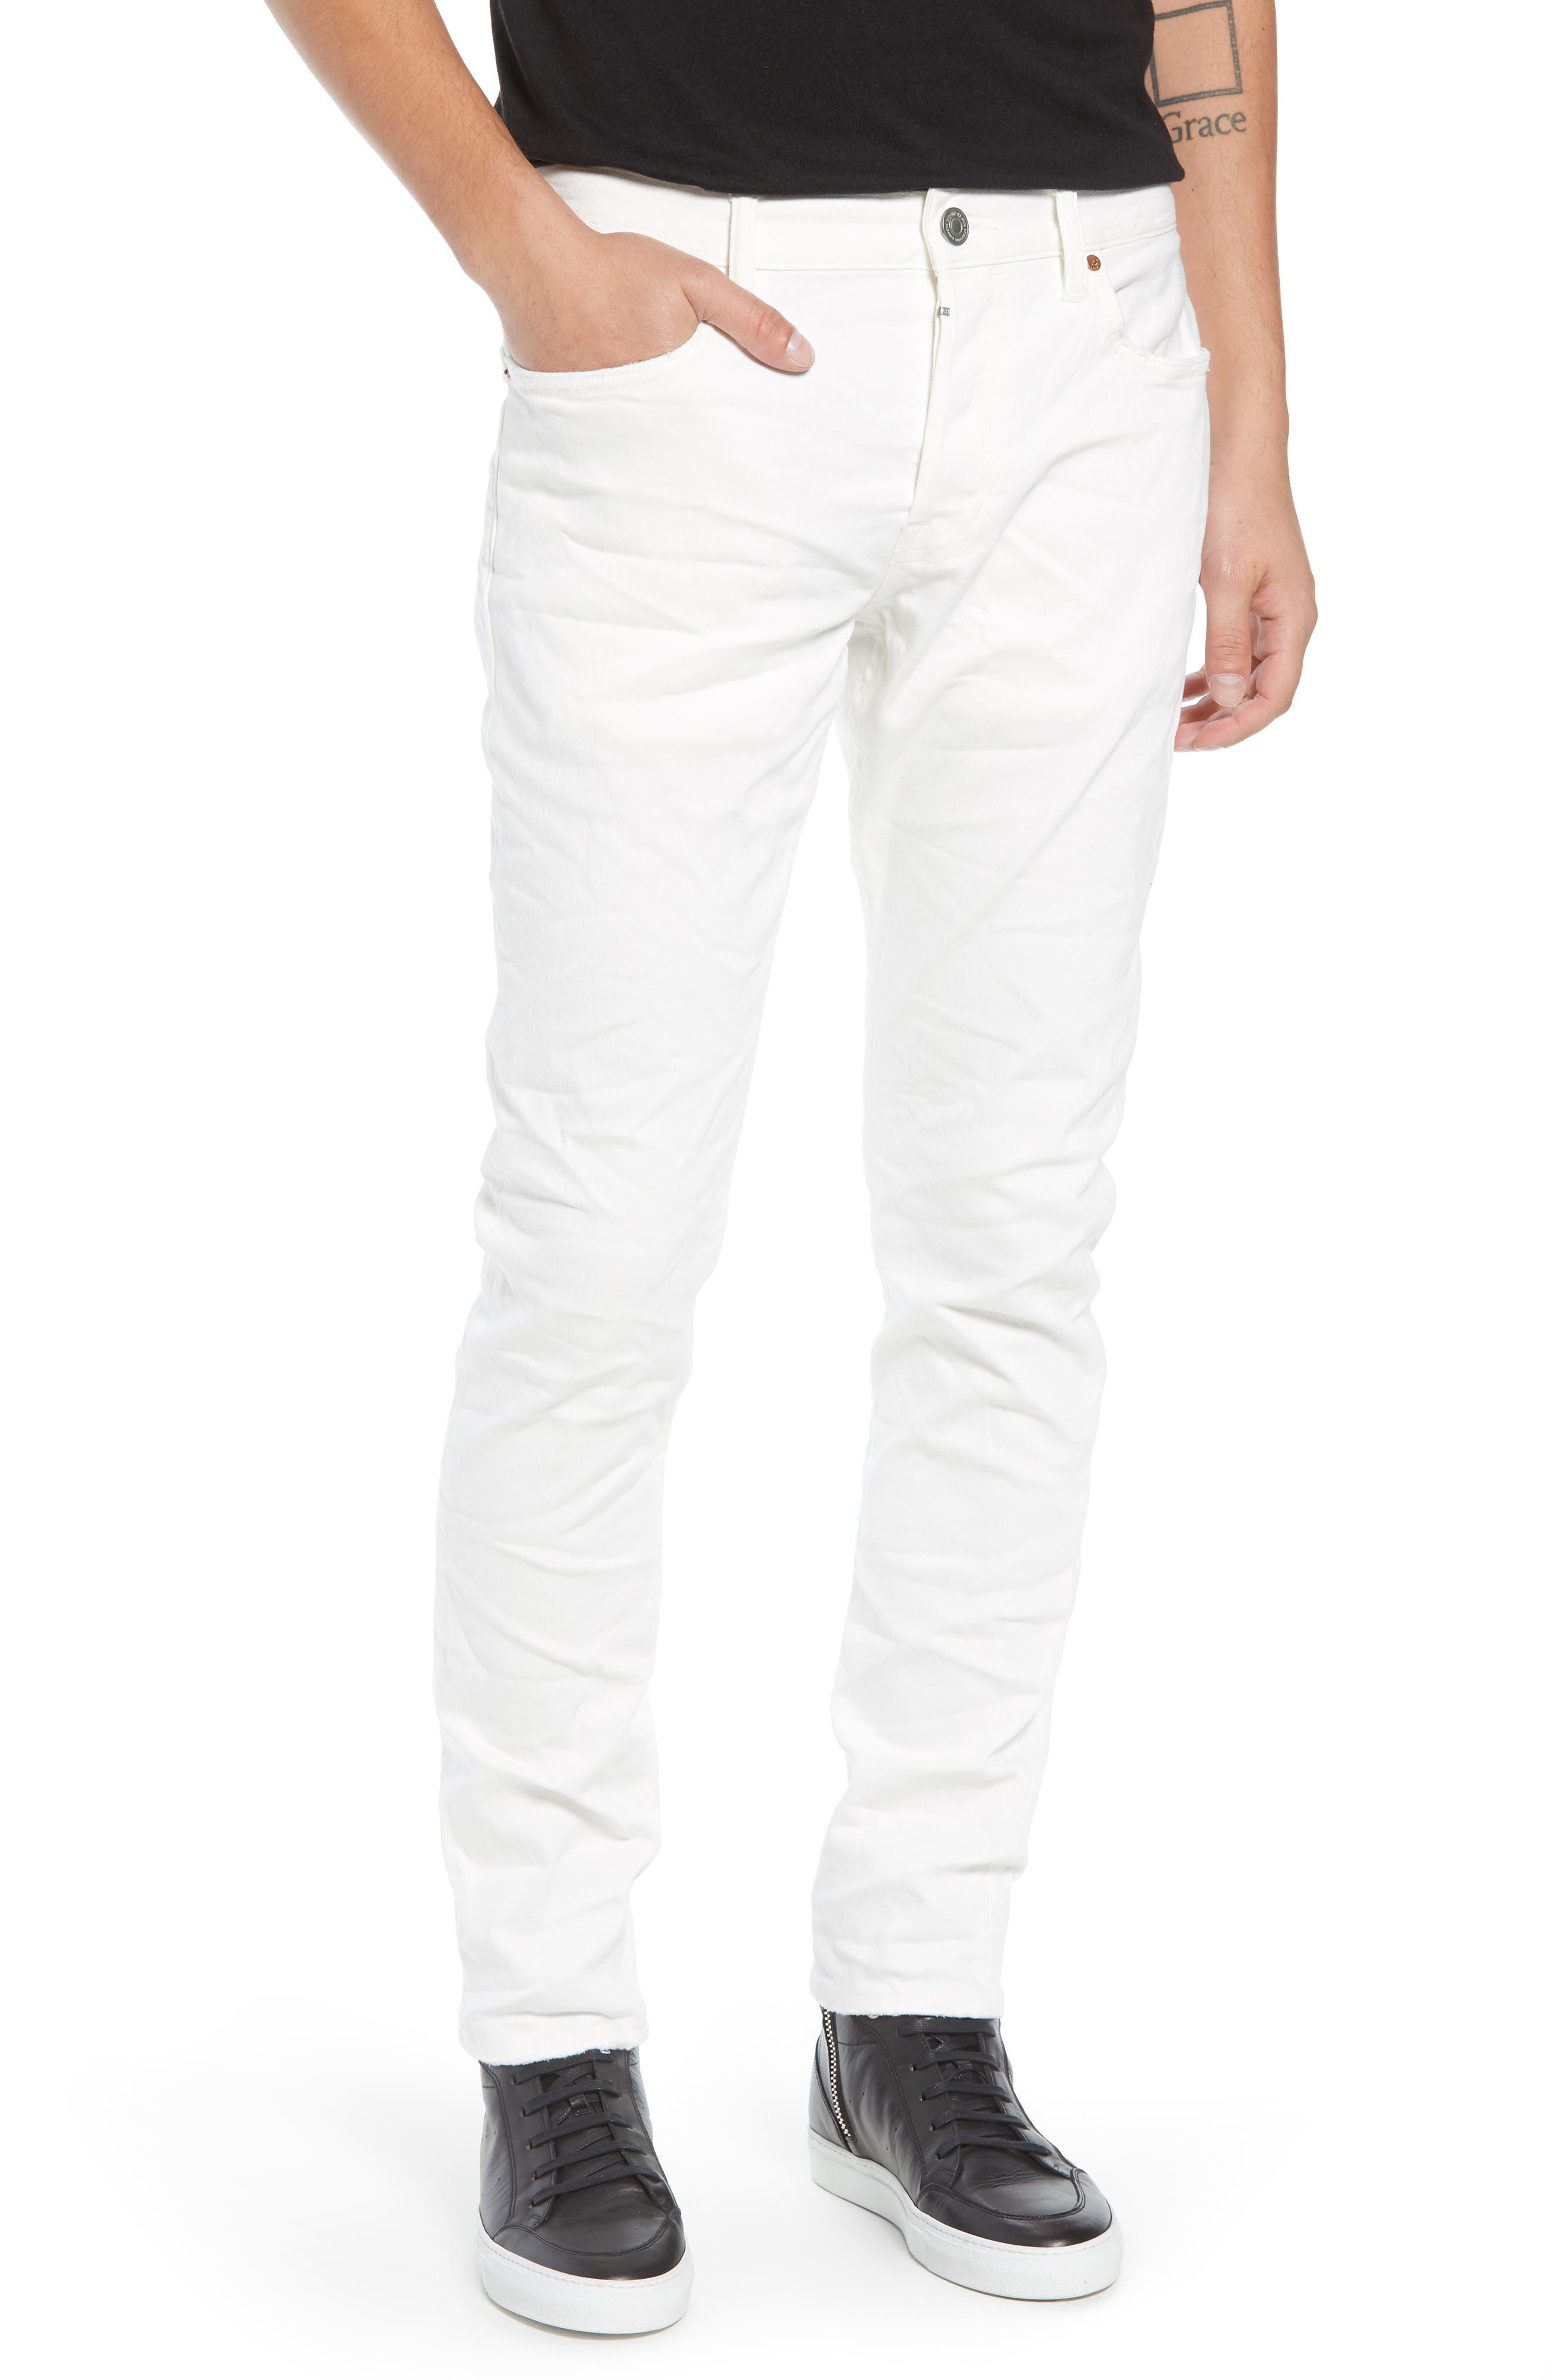 Weott Rex Slim Fit Jeans,                         Main,                         color, 100